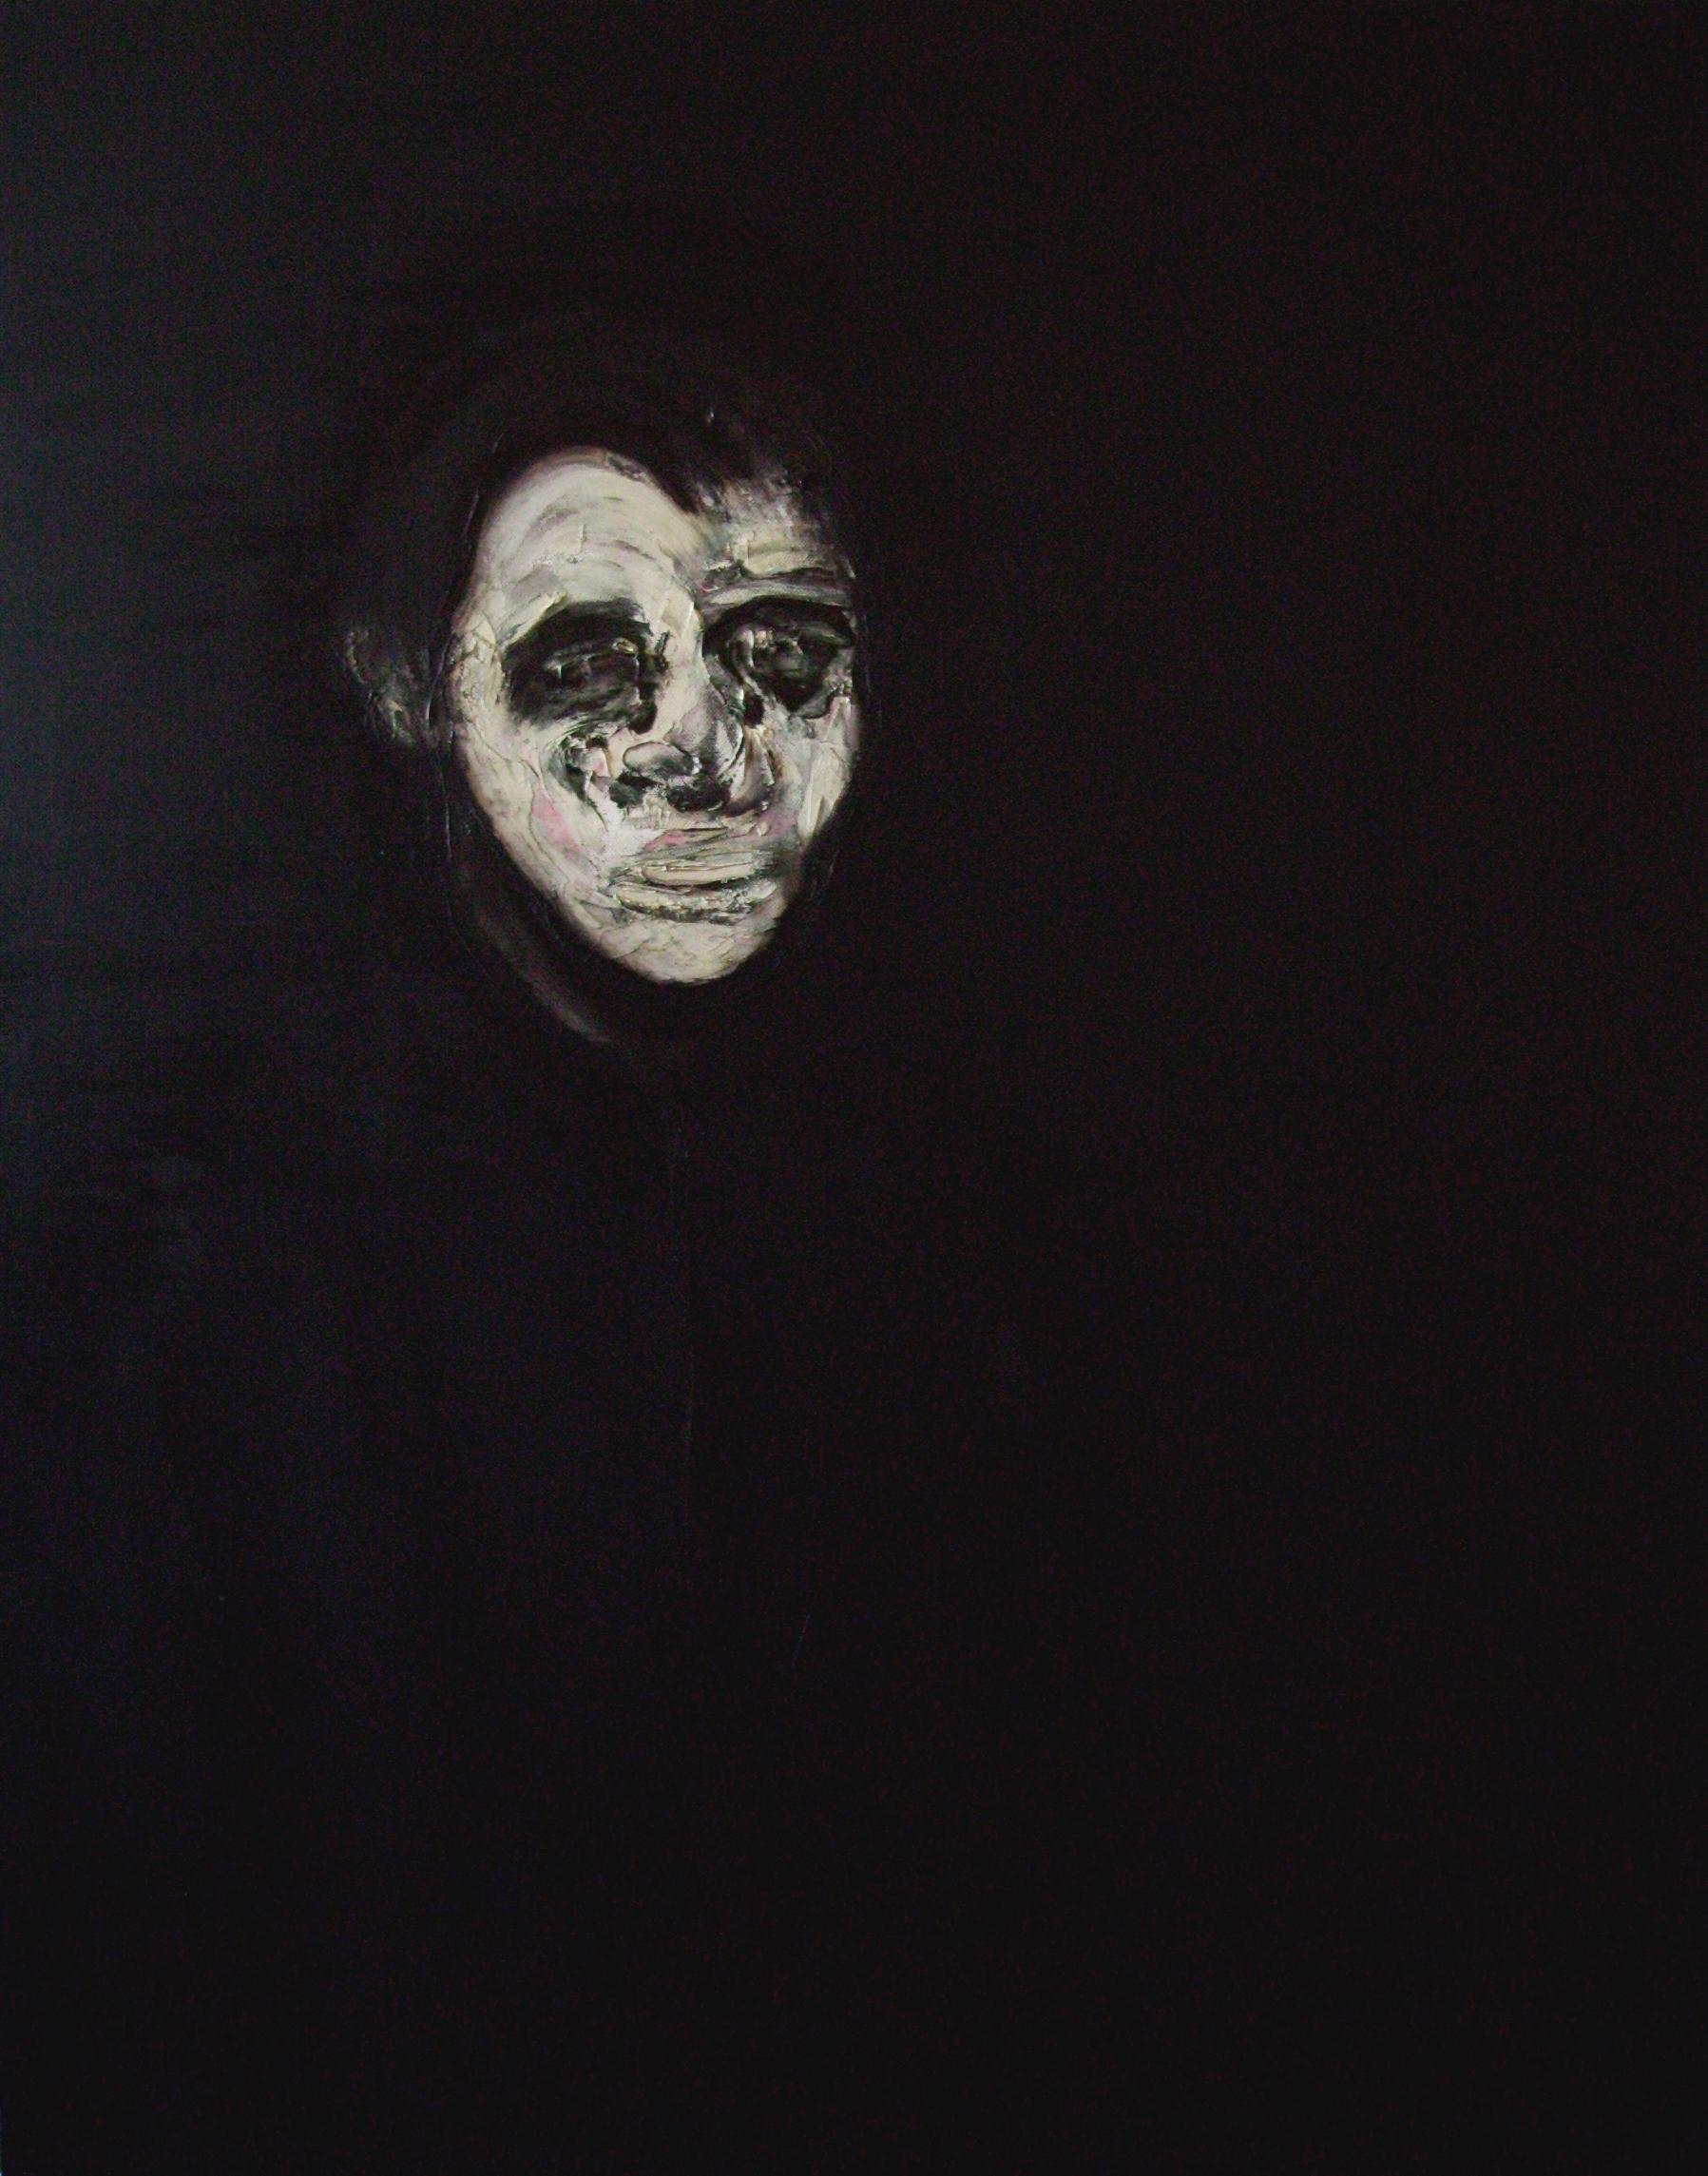 Lorenzo Puglisi   Ritratto CXVII  (2011) olio su tela 100 x 80 cm